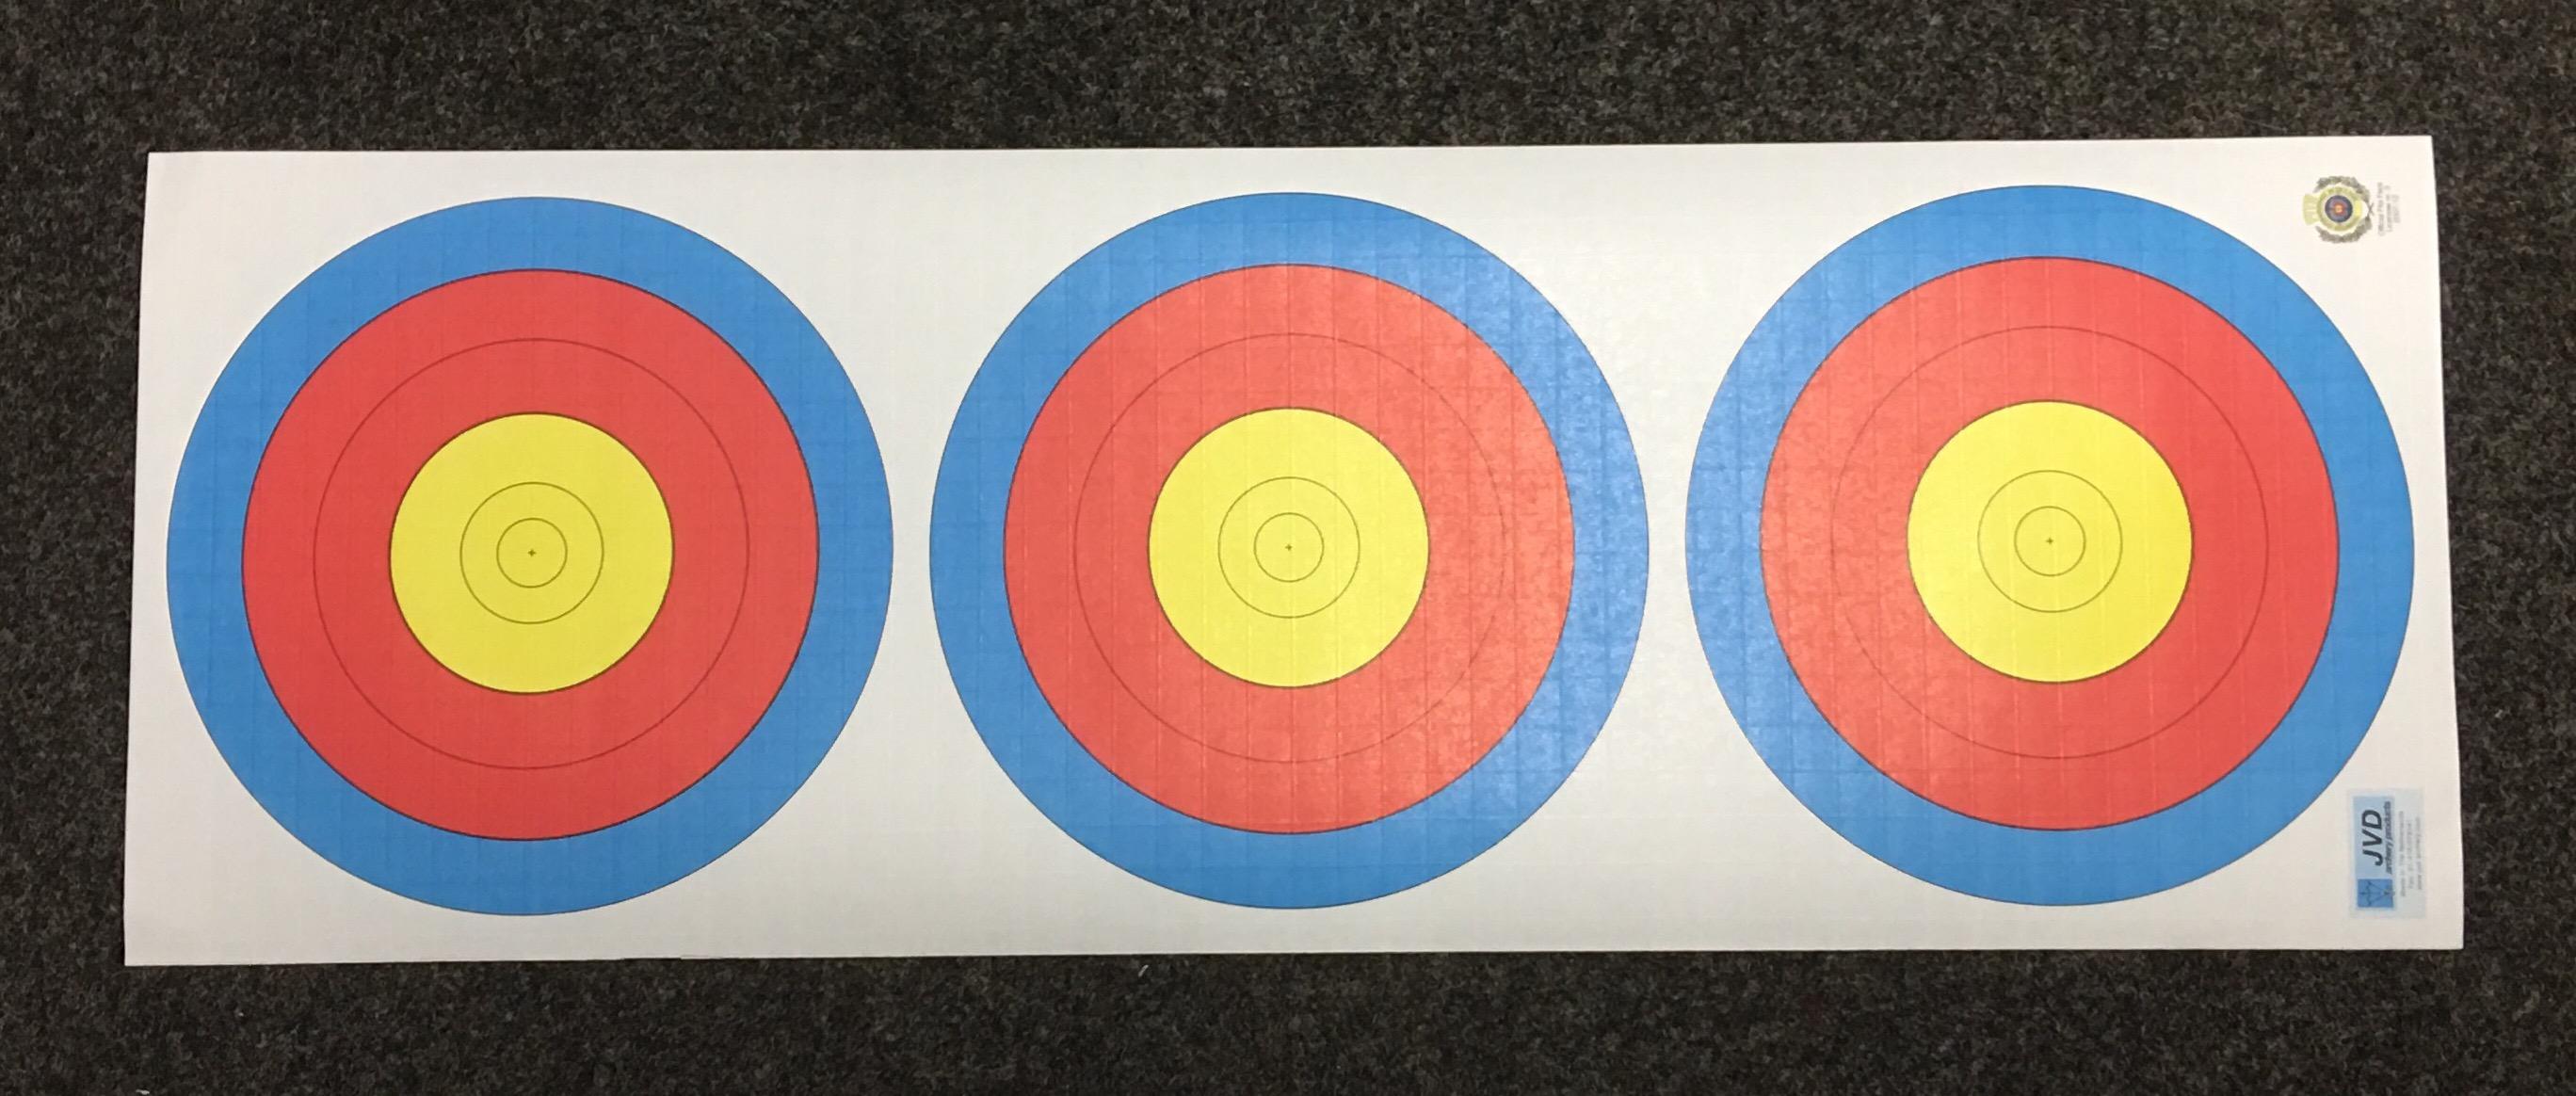 3er-Scheibenauflage, Spiegeldurchmesser je 20 cm